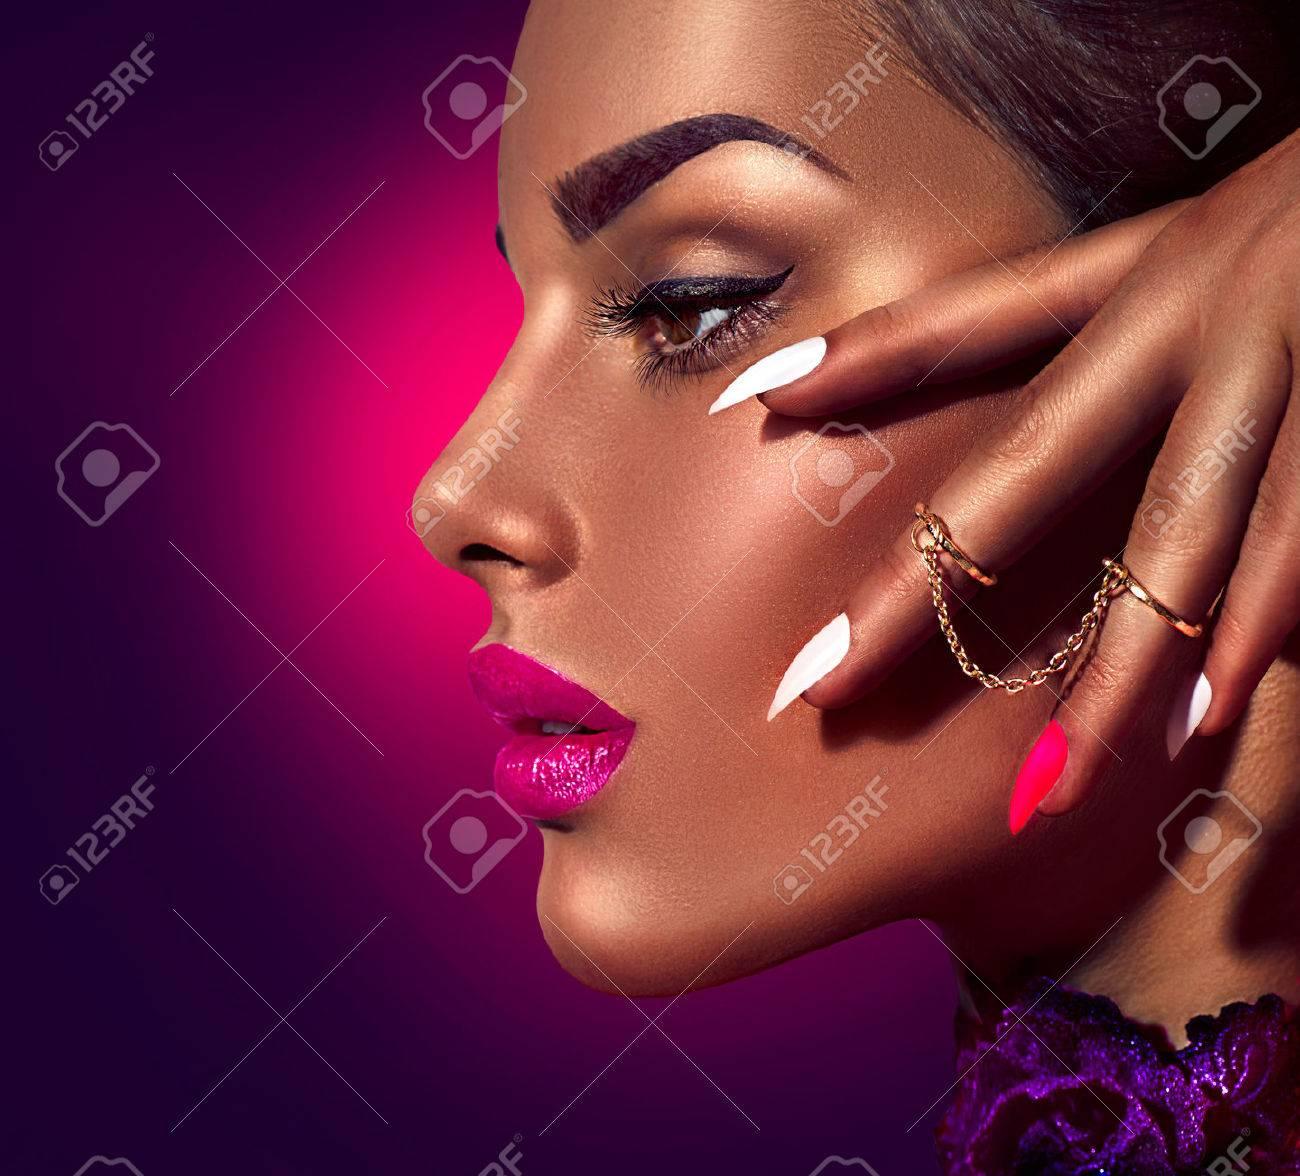 Modèle sexy avec la peau et violet brun lèvres sur fond sombre Banque d'images - 61789363